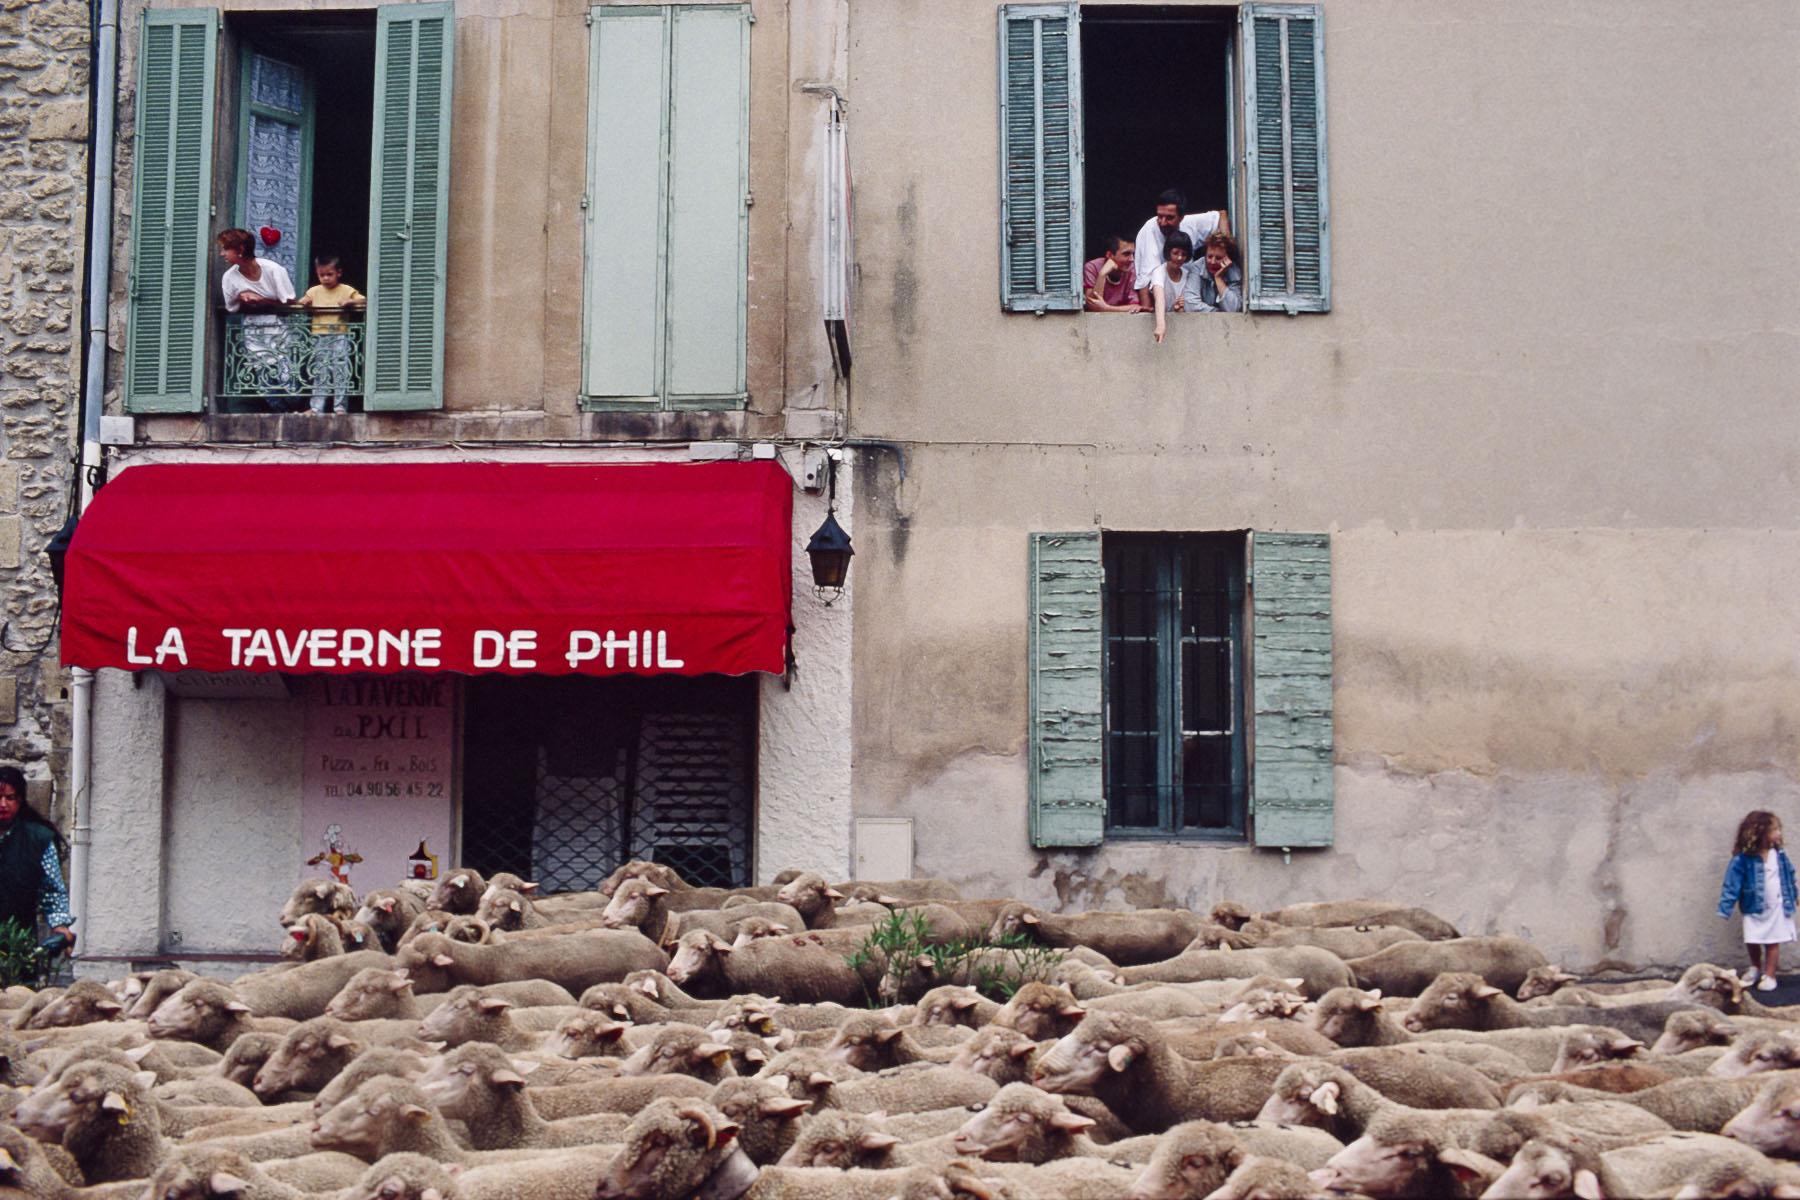 Shepherd's festival. 2000